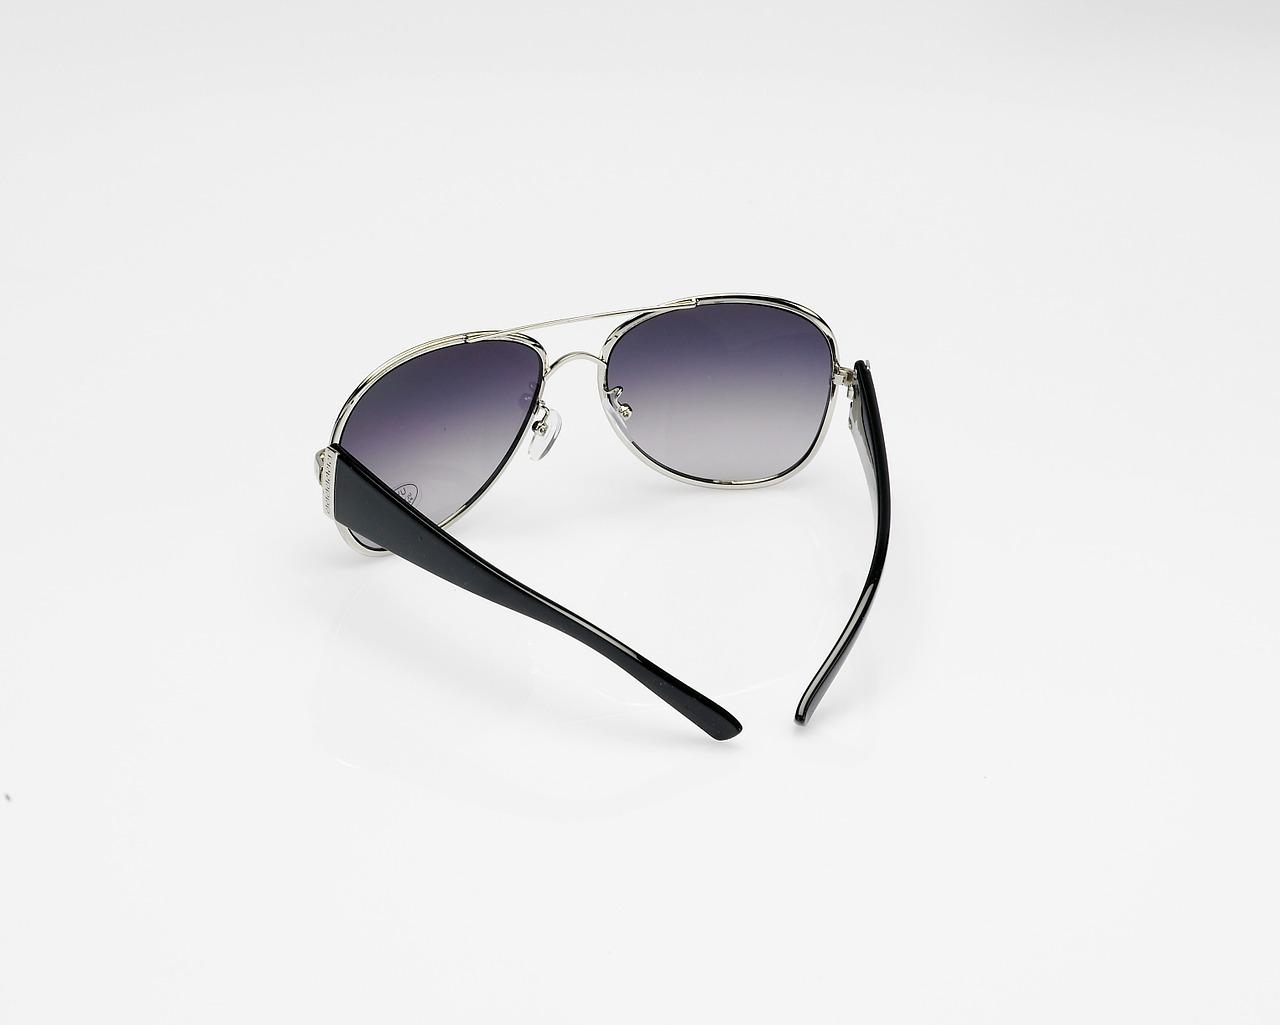 BIO BIFL: Sunglasses